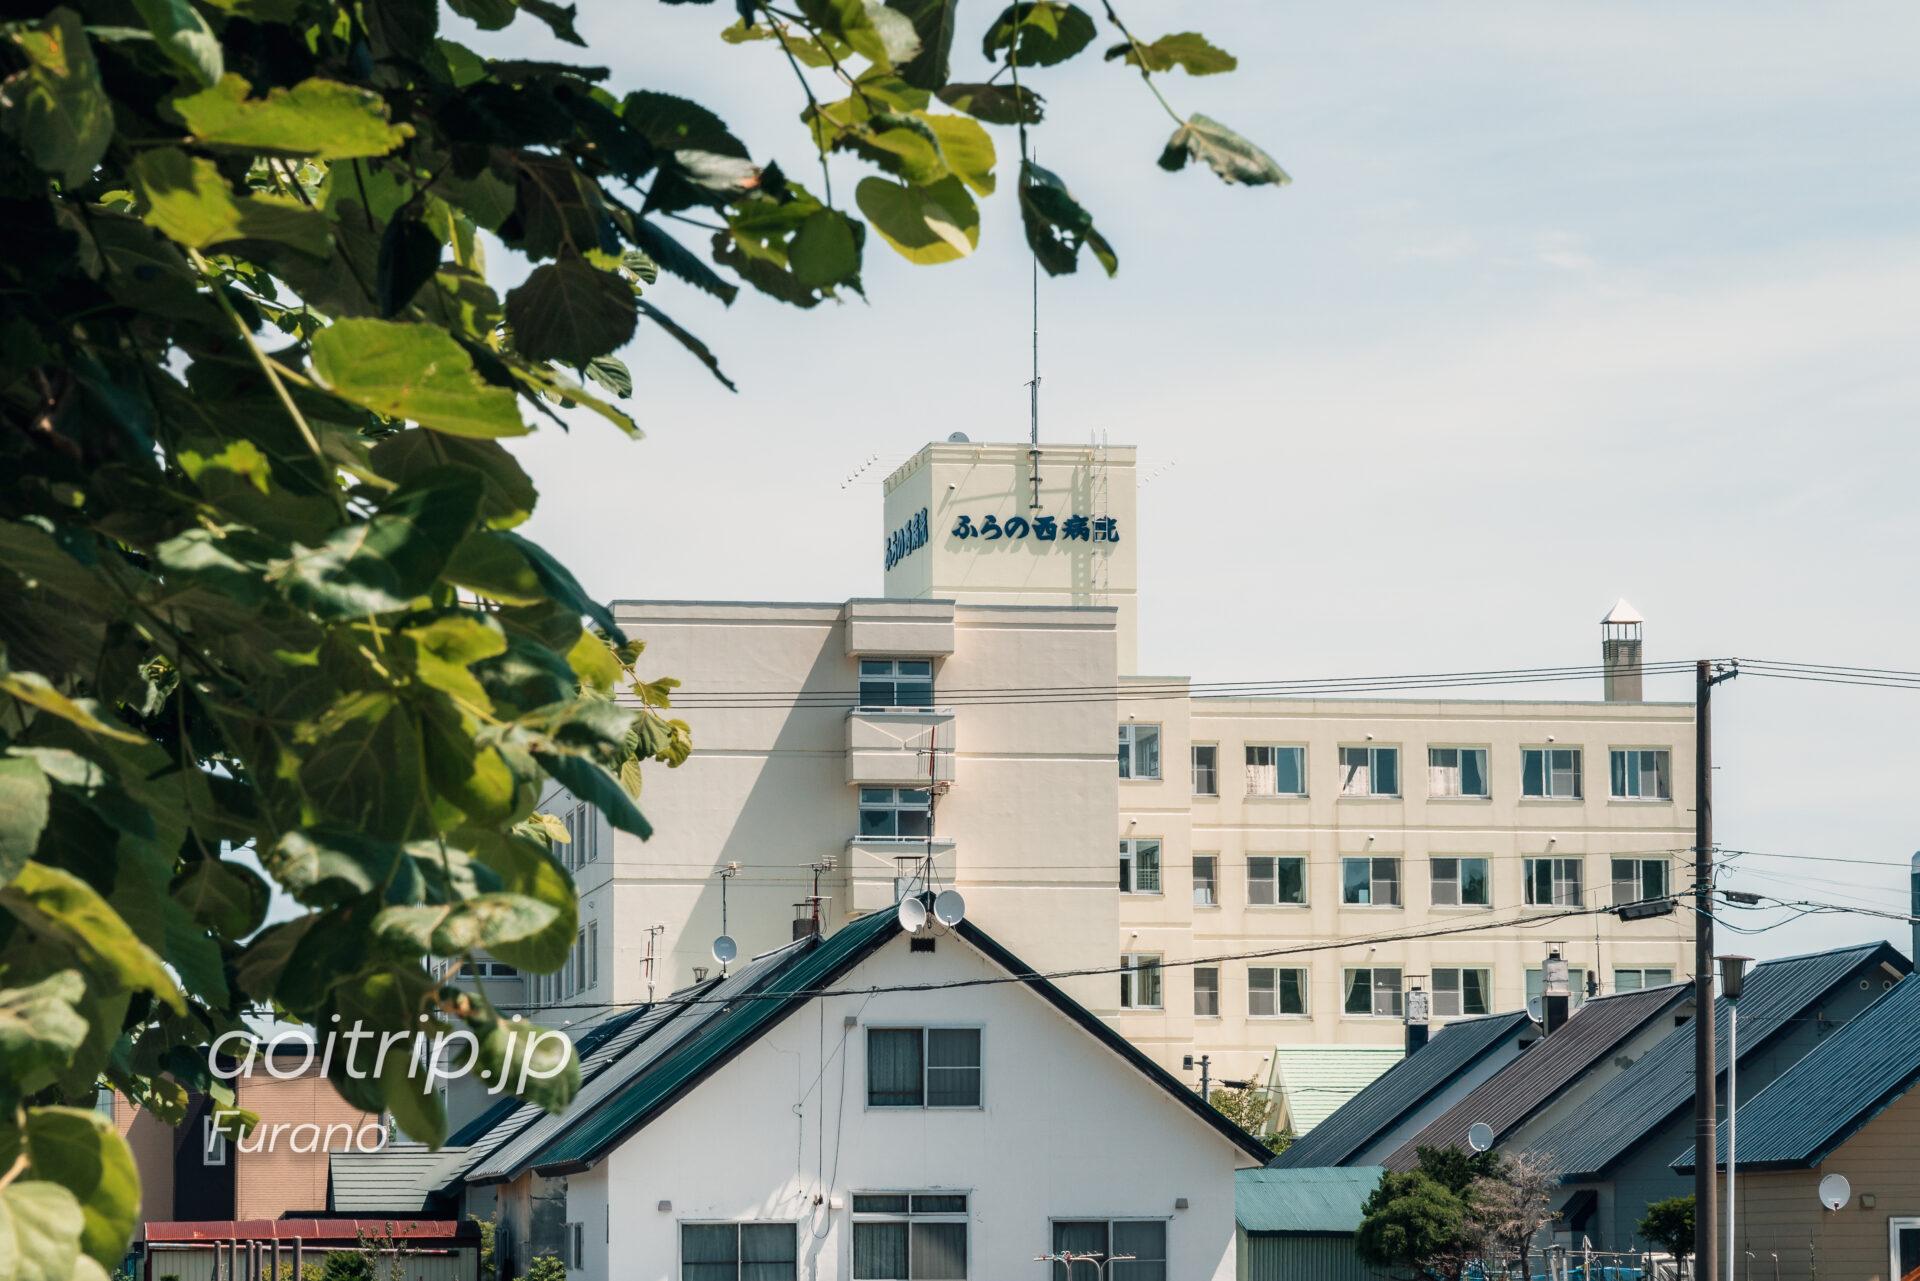 『風のガーデン』北海道・富良野 ロケ地巡り ふらの西病院